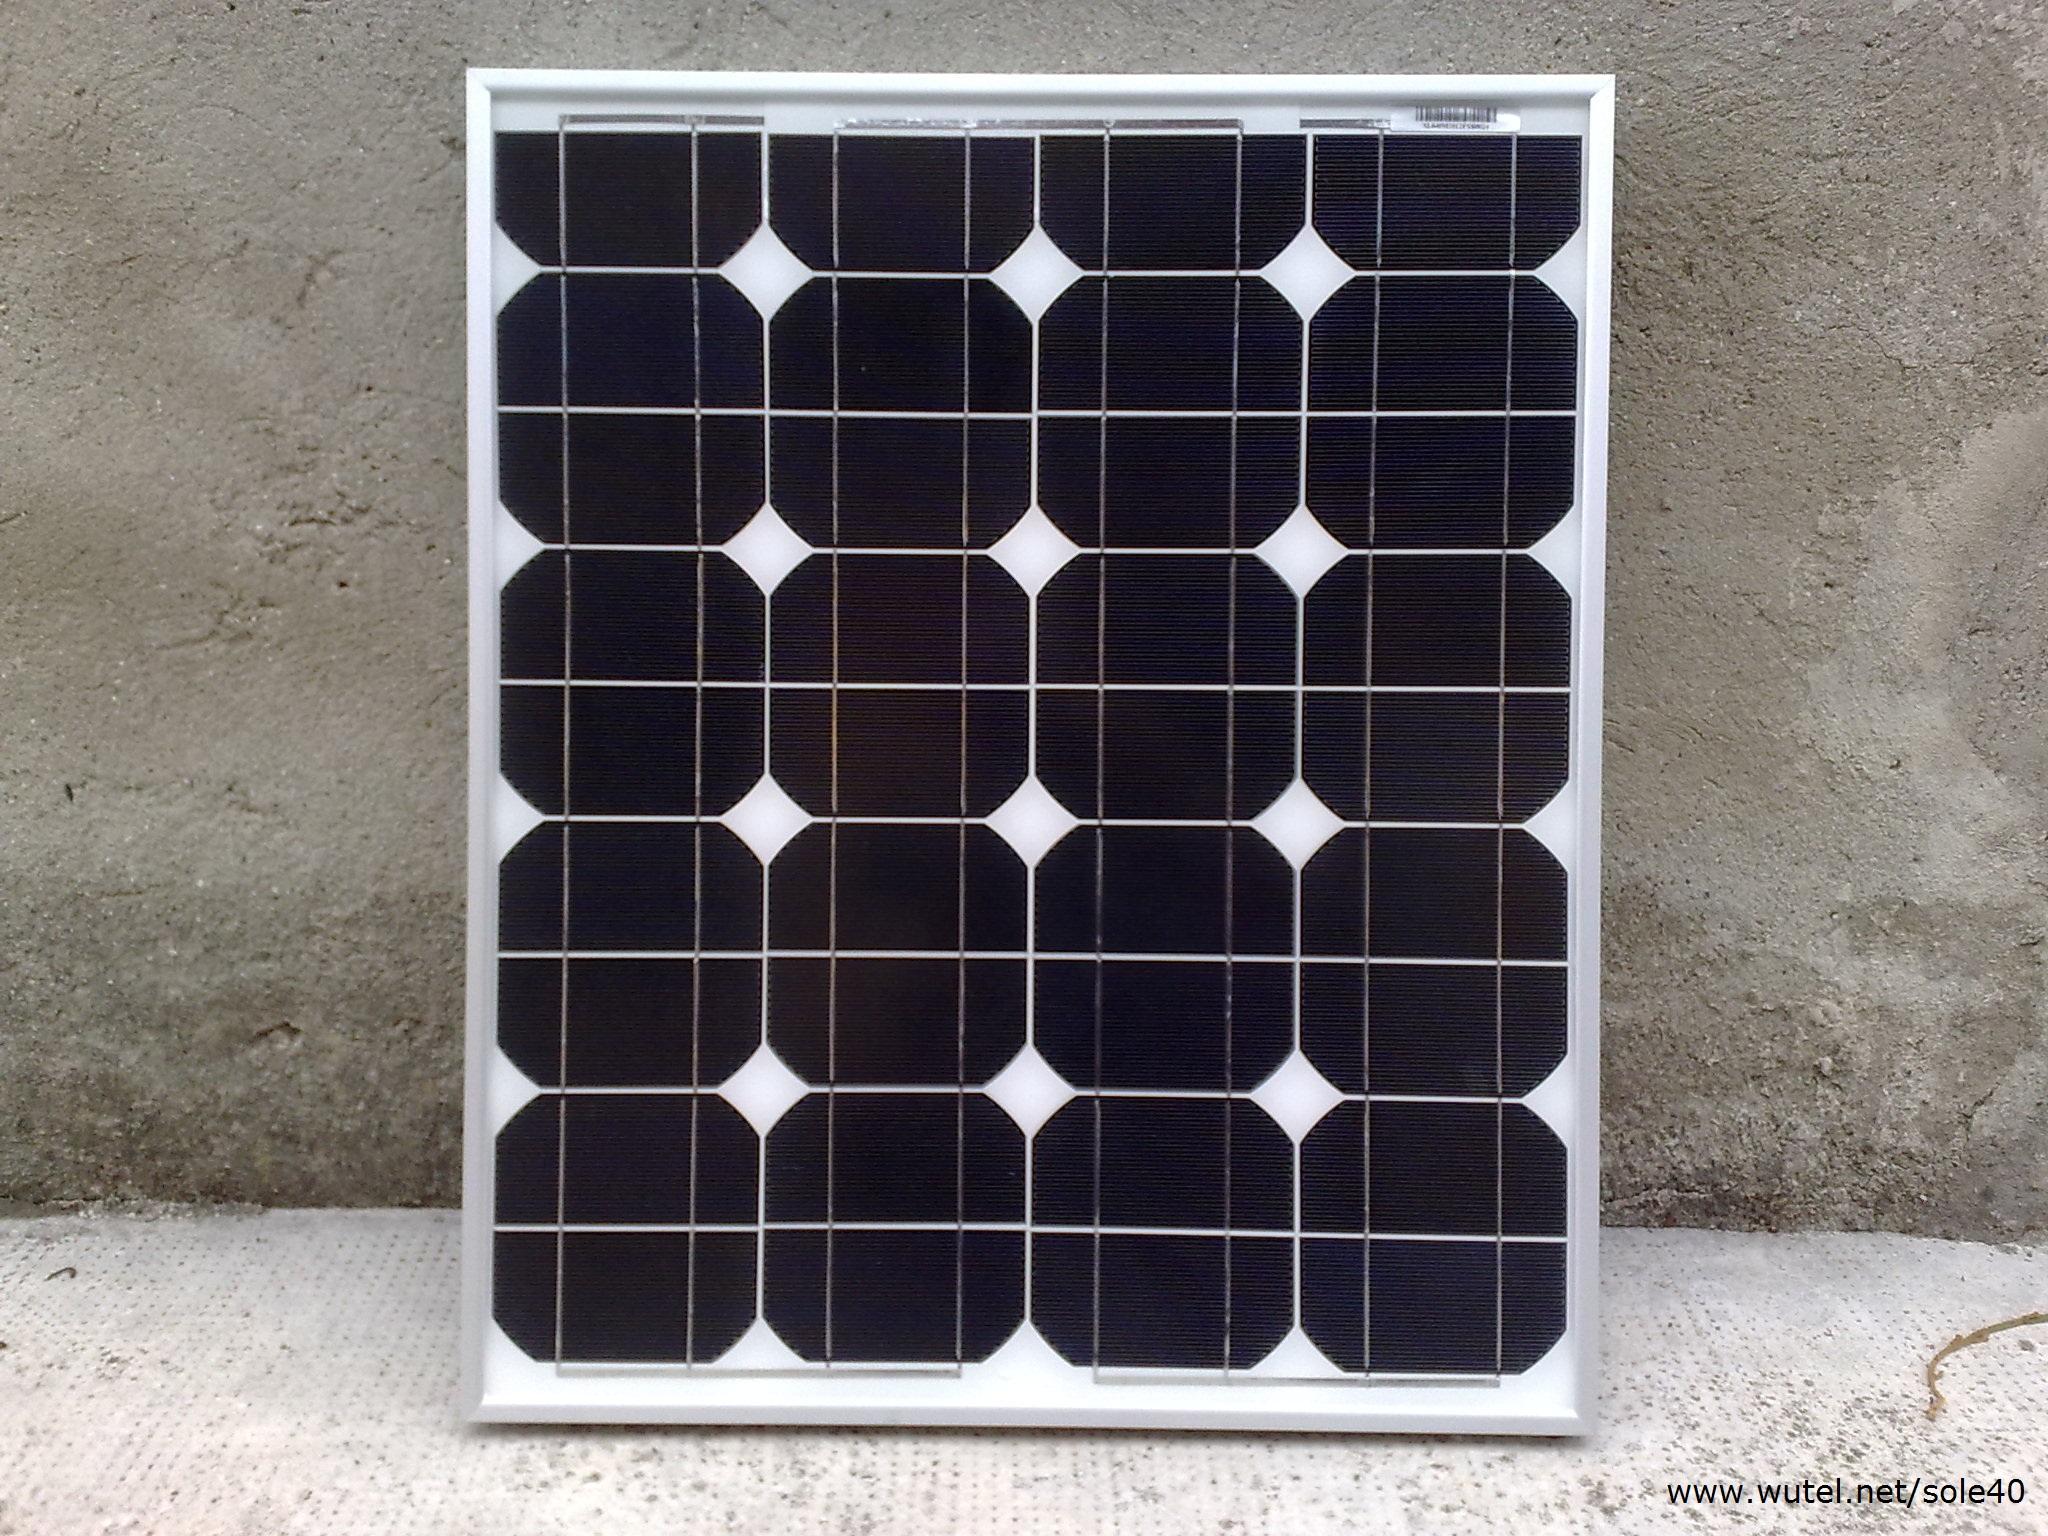 - Pannello fotovoltaico portatile ...